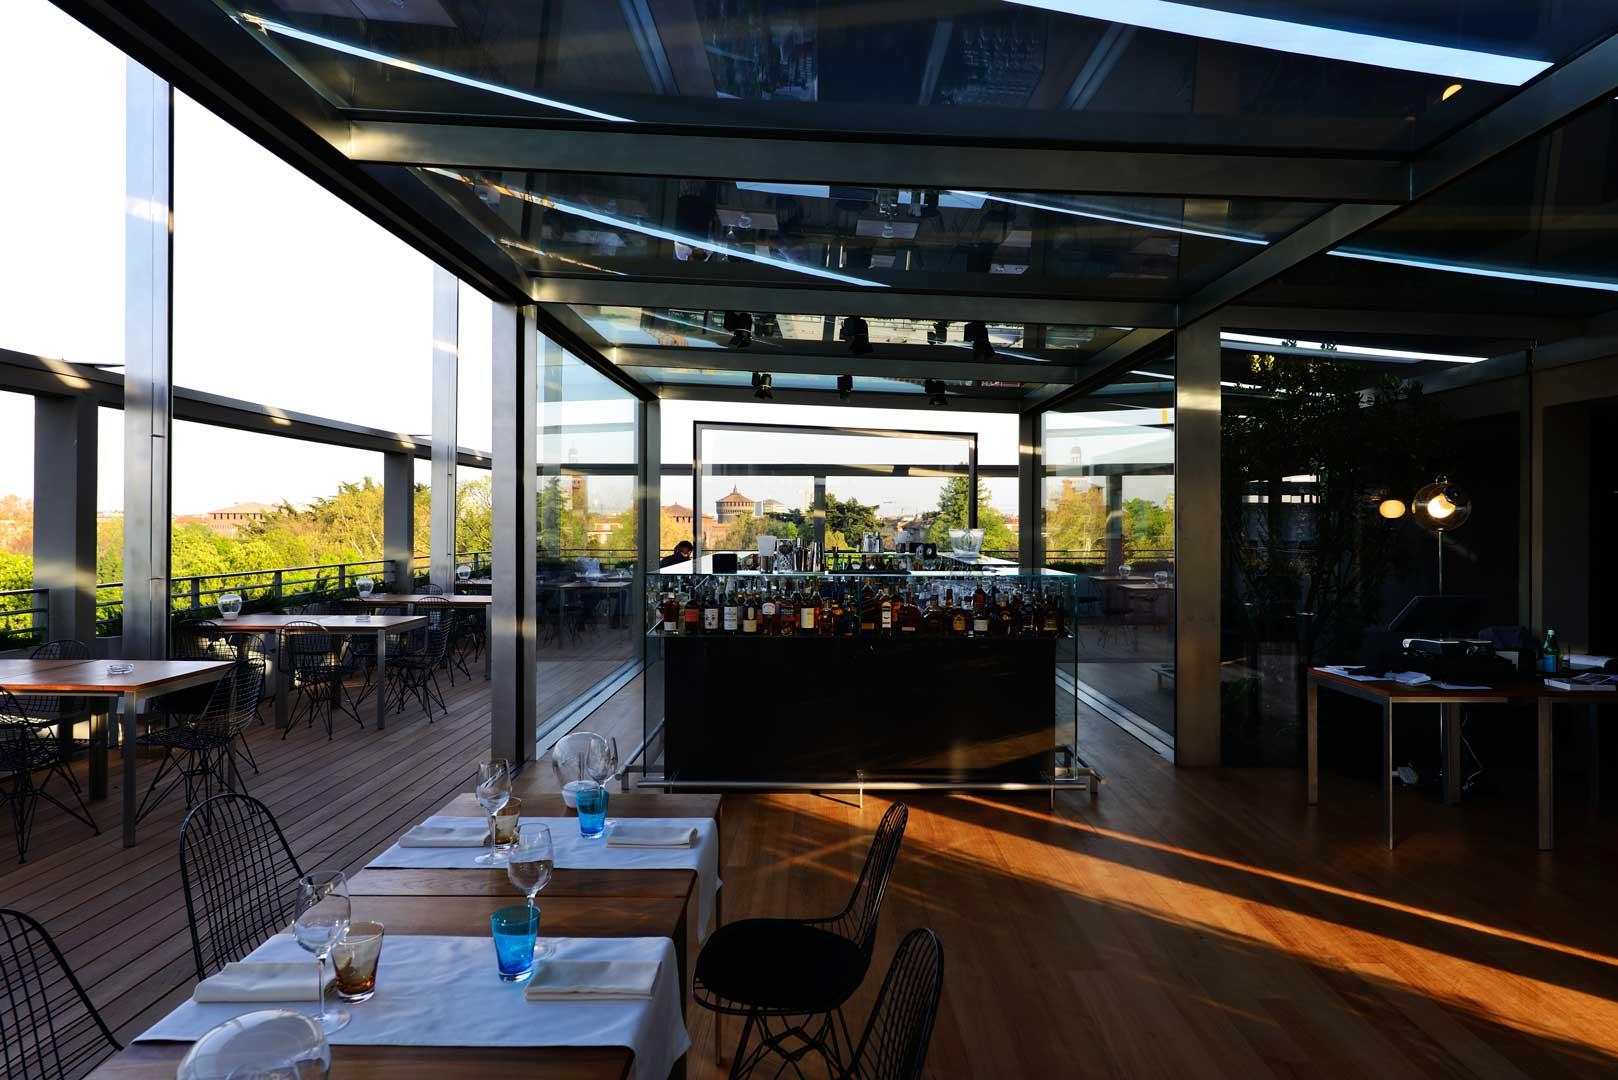 Terrazza Triennale Osteria Con Vista Flawless Milano